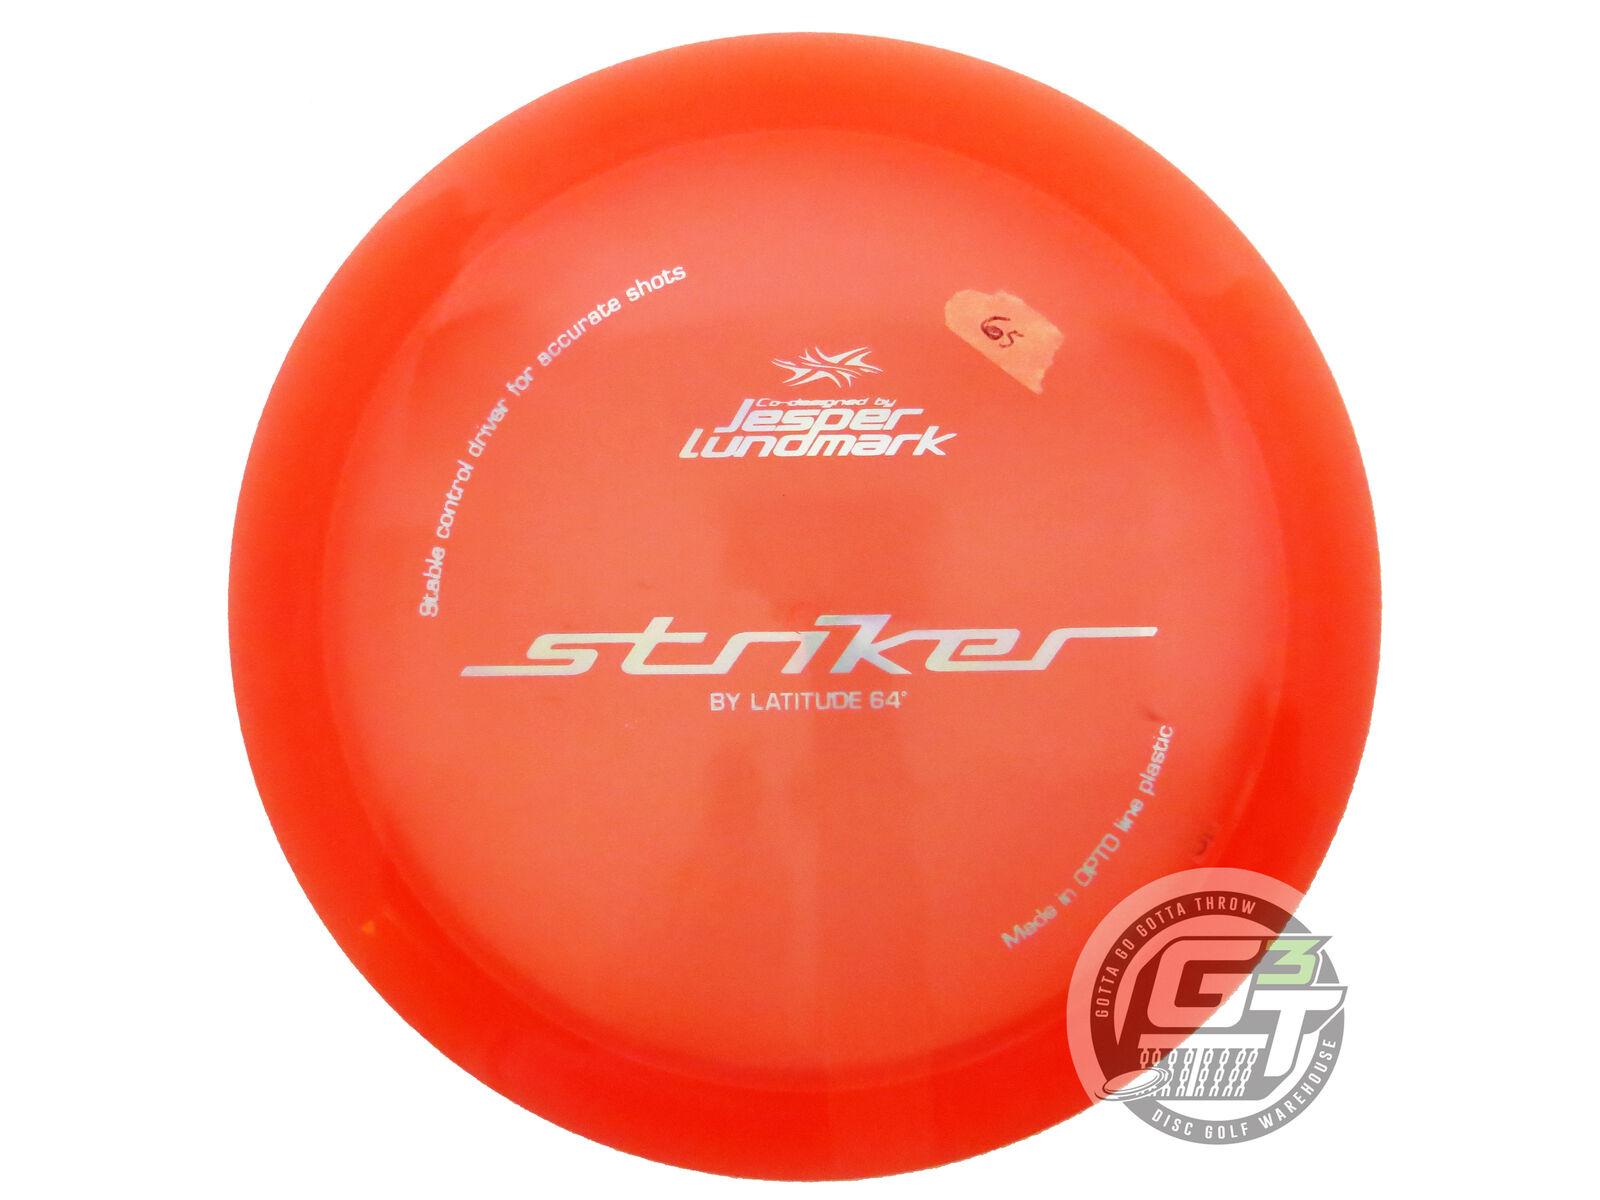 nuovo Latitude 64 Opto Striker 174g arancia 1st correre Driver FELDBERG COLLECTION